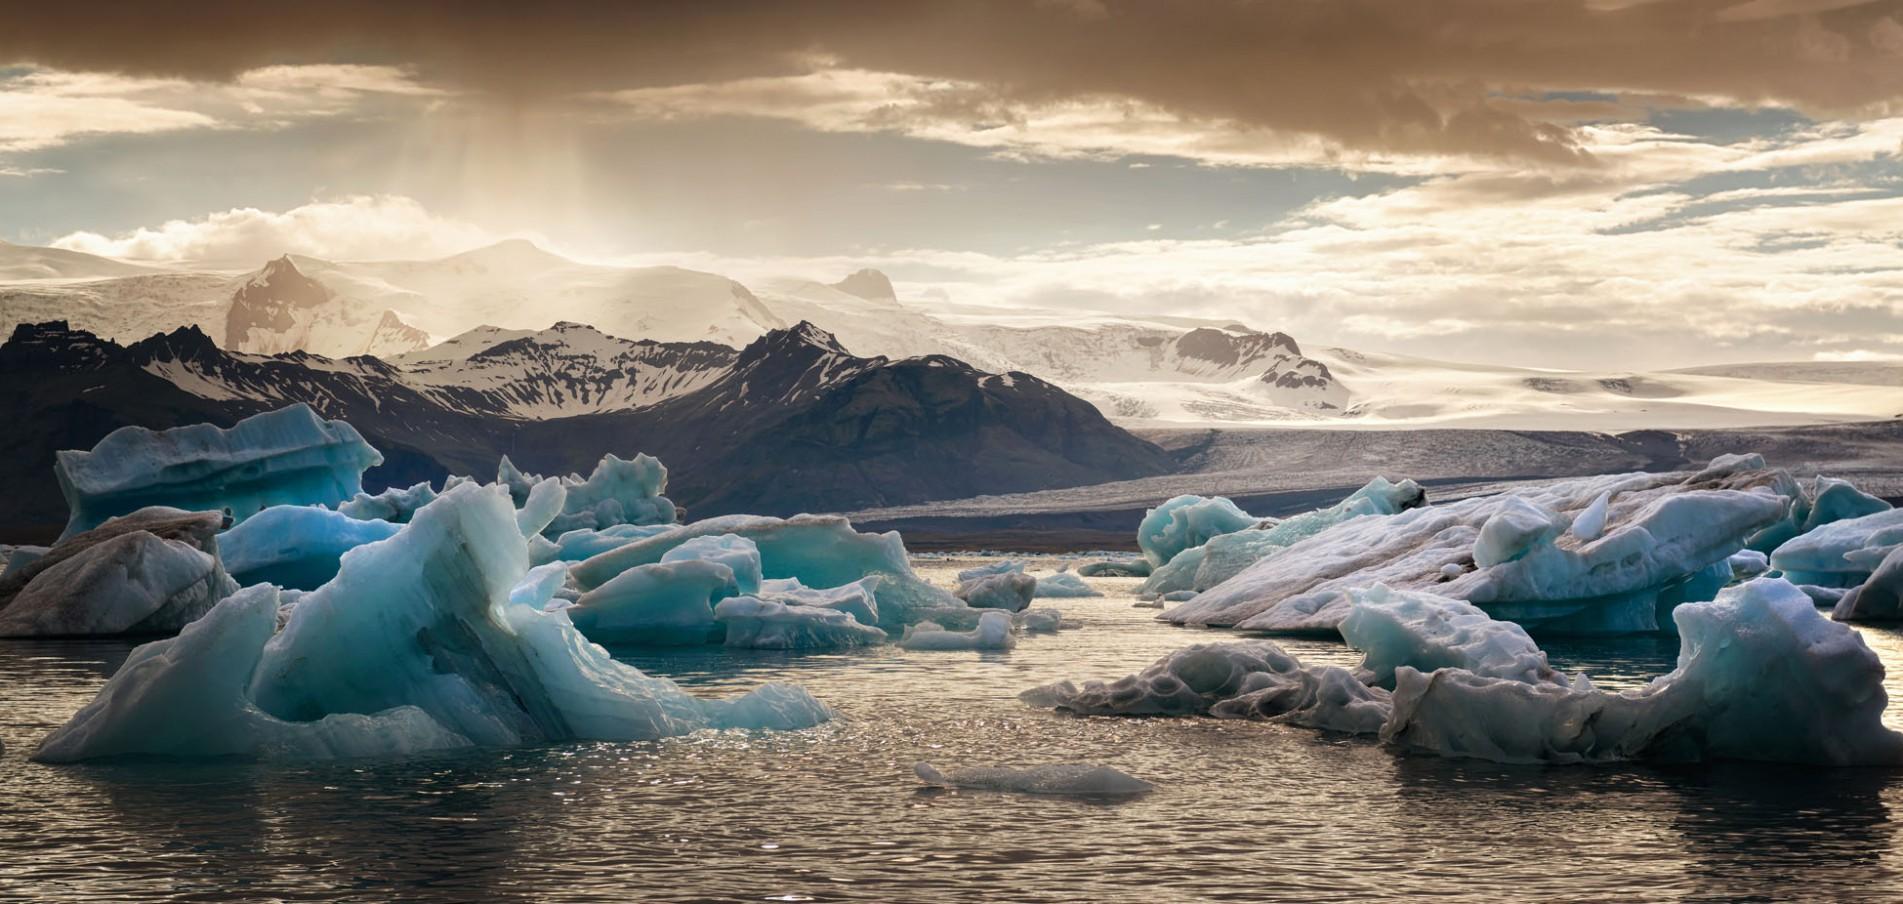 WILLKOMMEN AUF ISLAND ...Natur und Abenteuer pur & erfrischend anders!